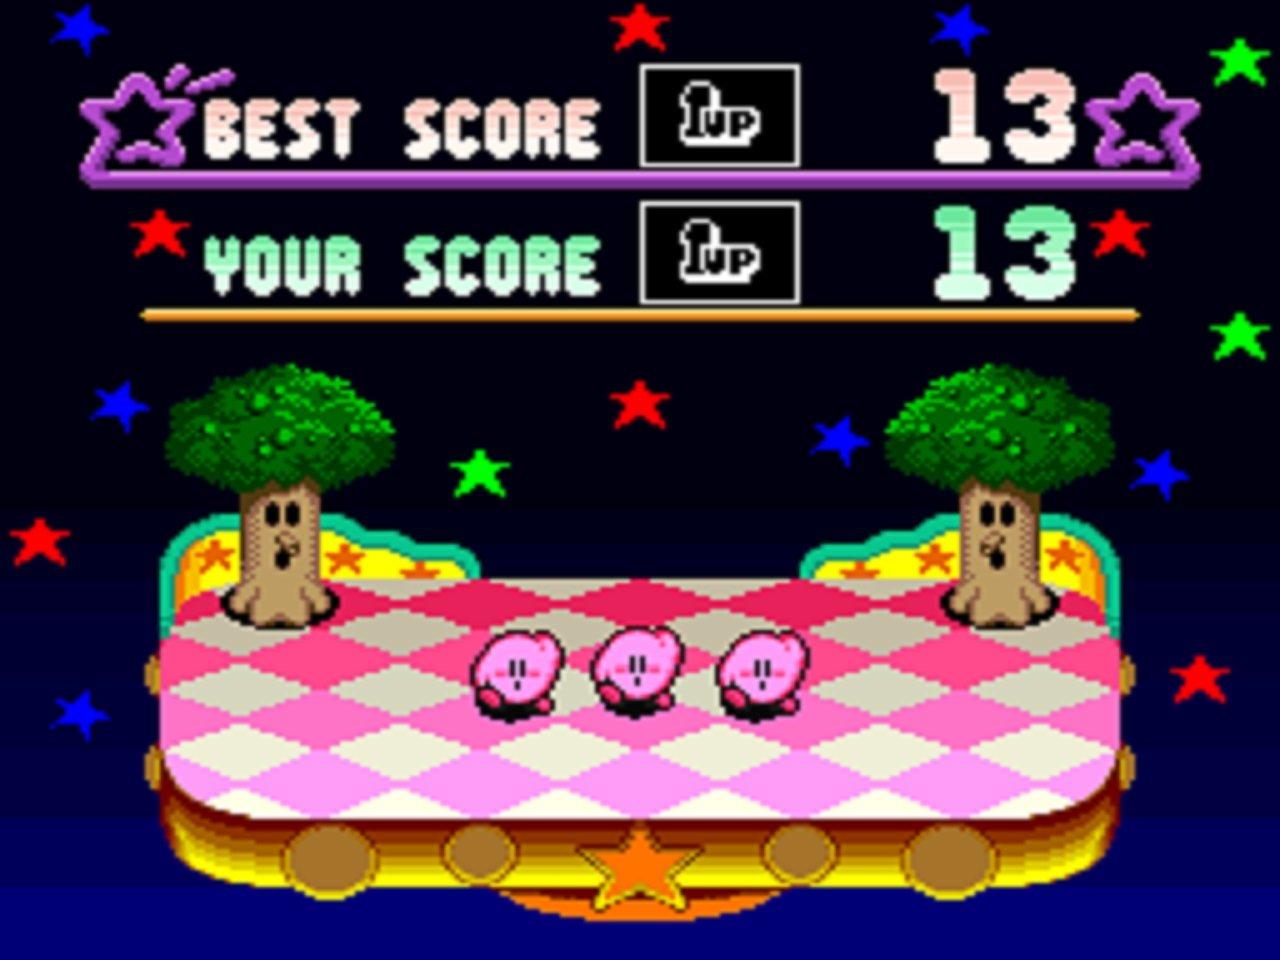 『カービィ』シリーズ初のSFCソフト『カービィボウル』は「まさかのゴルフゲーム」!?の画像003